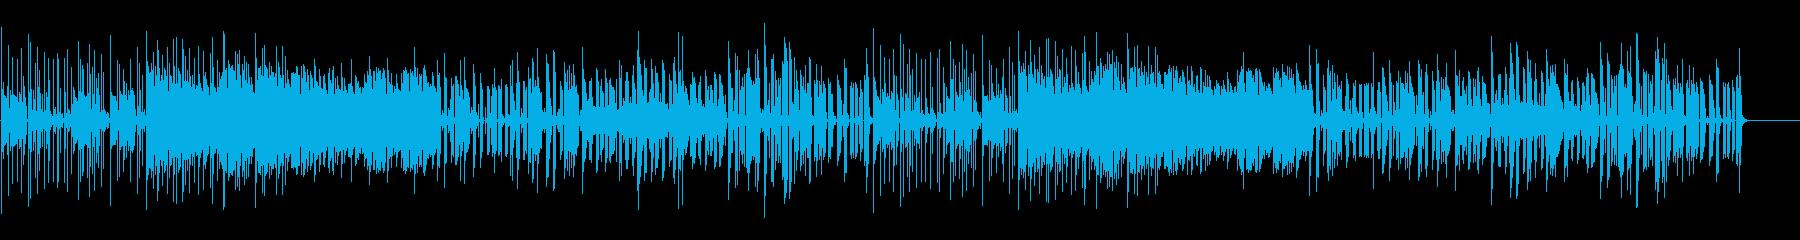 チープ、シンセ、テクスチャー2の再生済みの波形